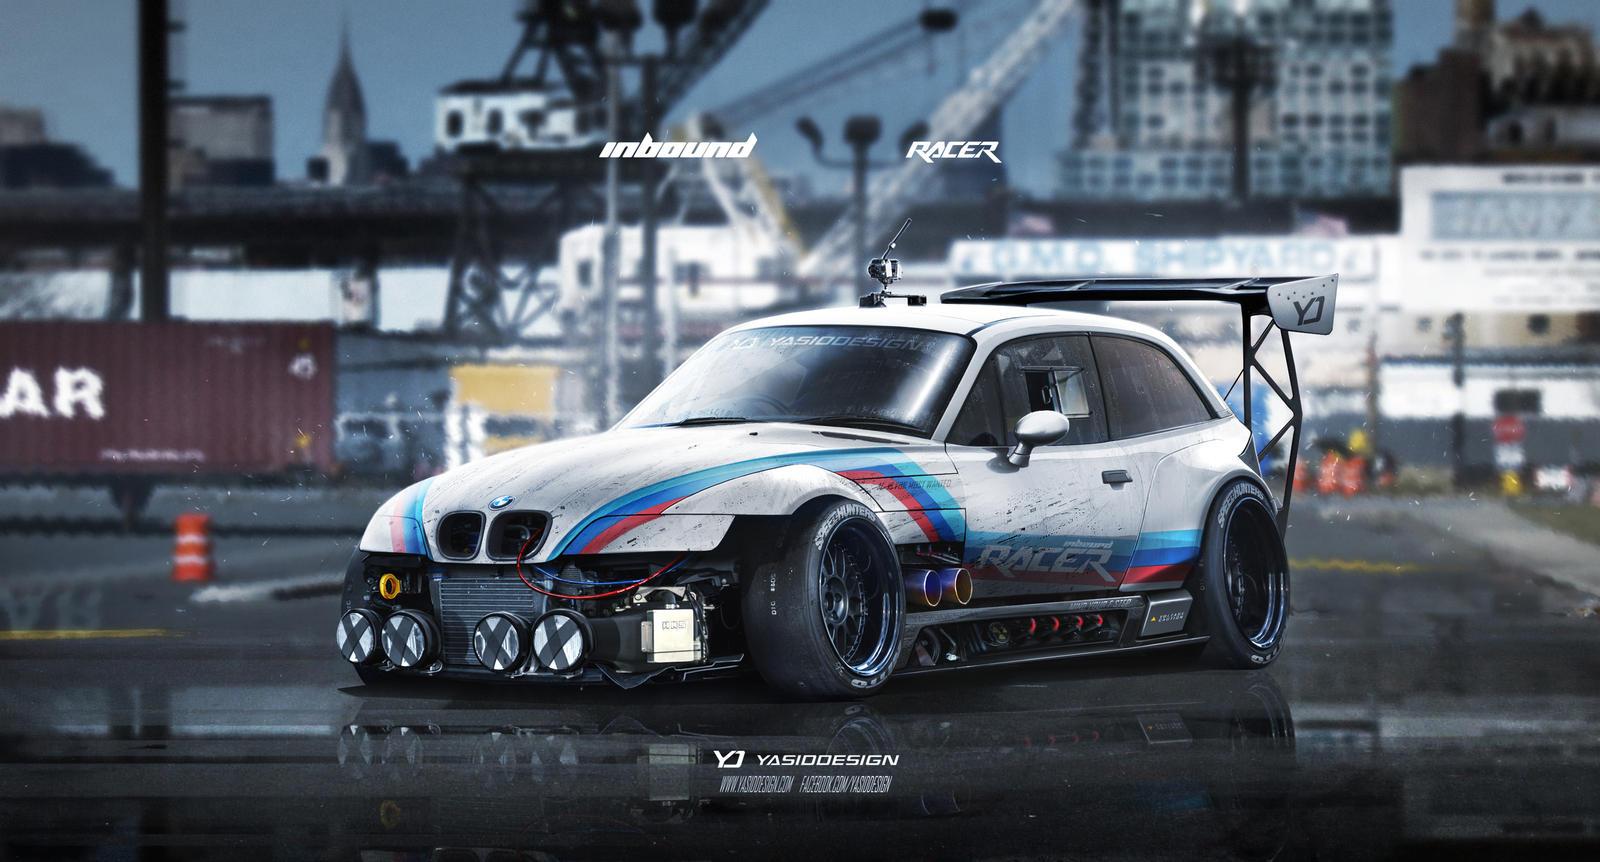 Bmw Z3 M Inbound Racer By Yasiddesign On Deviantart